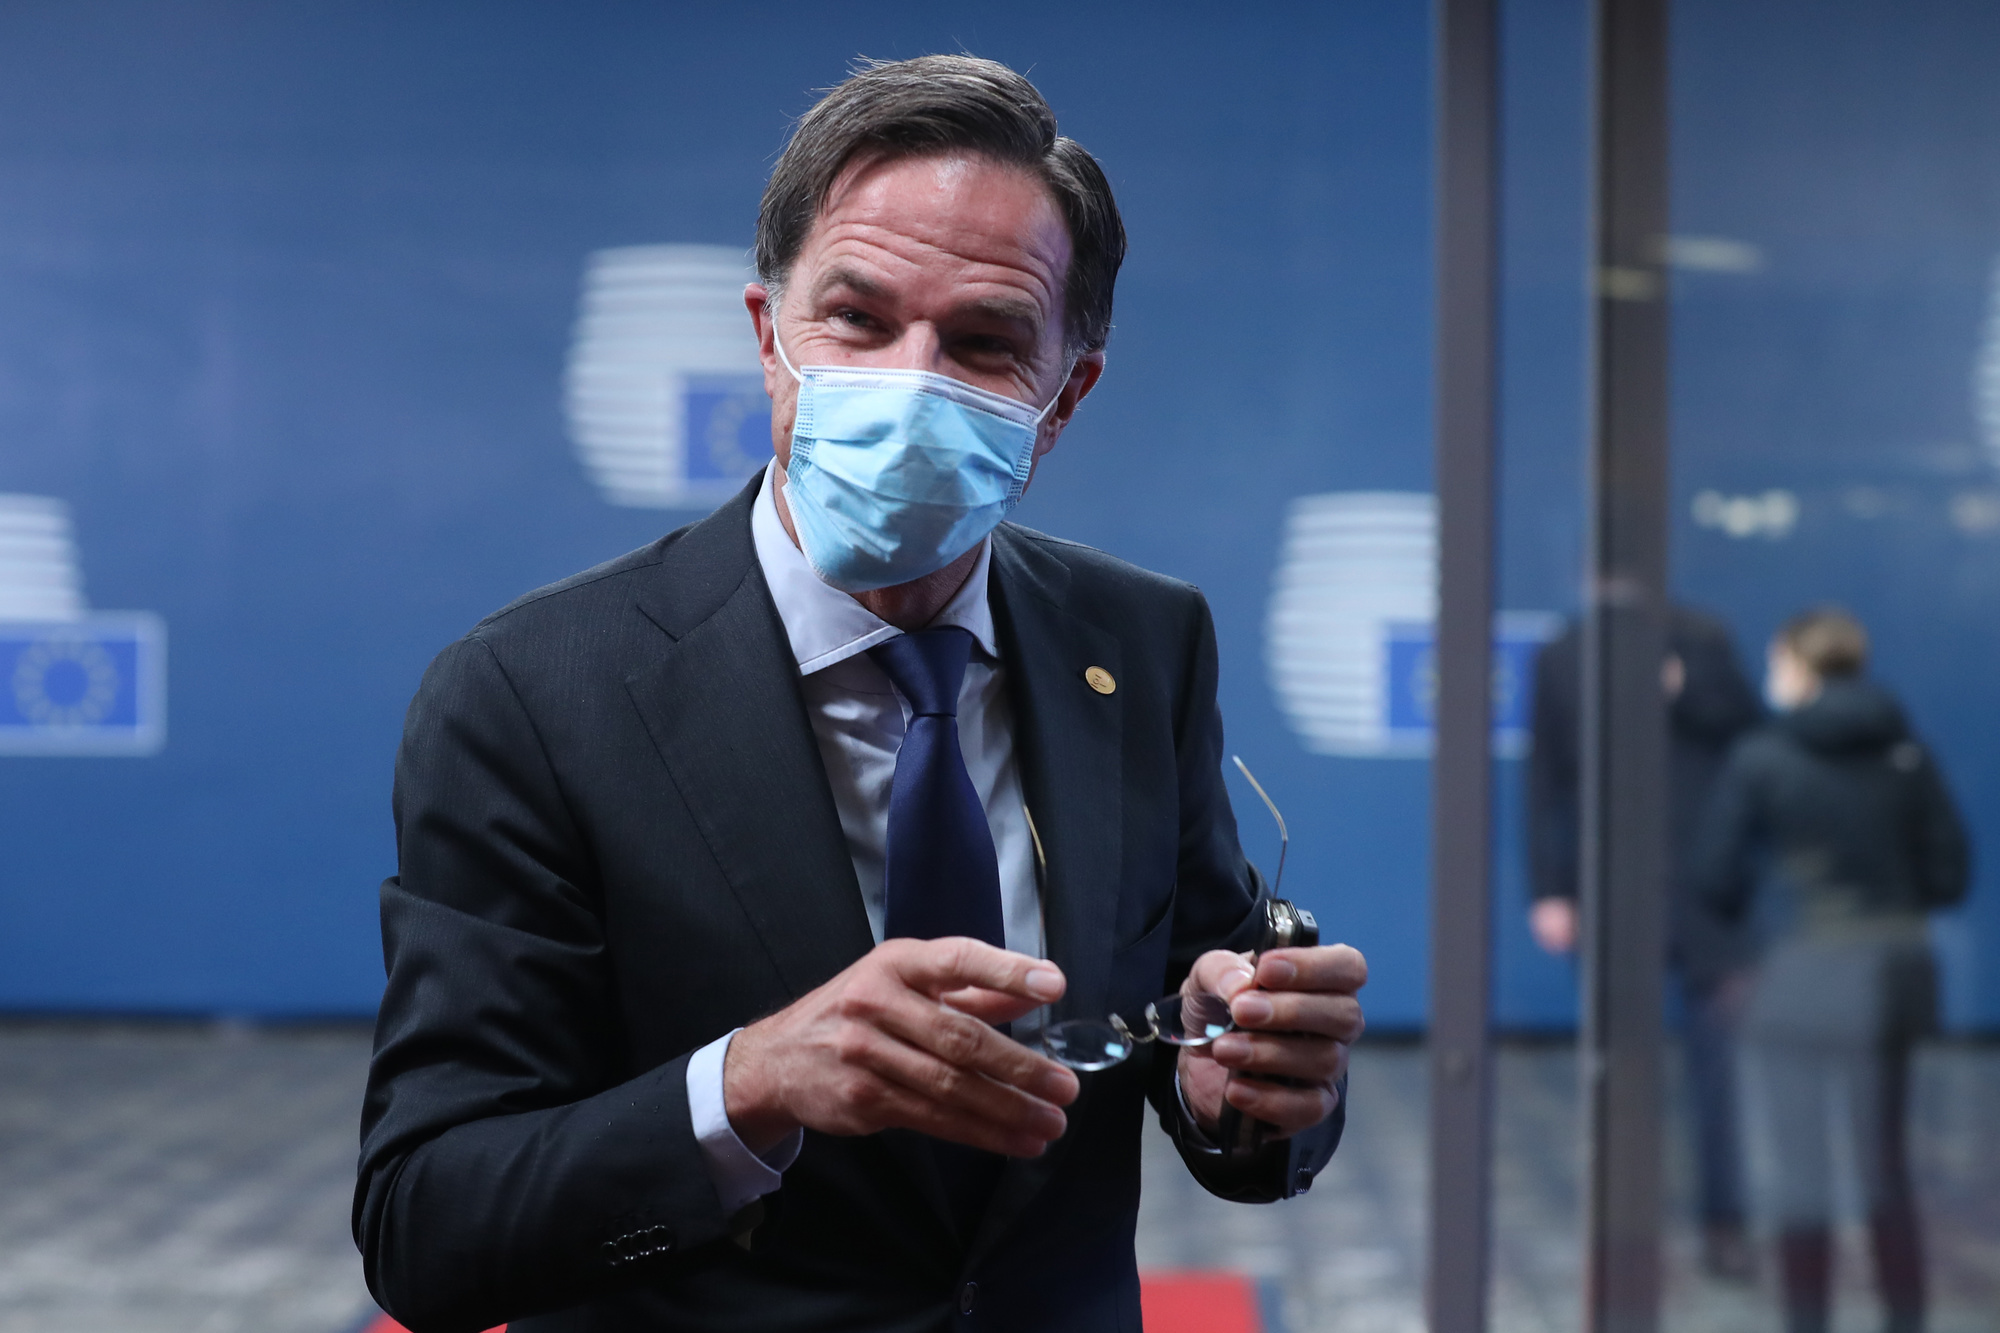 """Face à l'explosion des cas, le Premier ministre Mark Rutte a demandé à ses concitoyens de se couvrir le nez et la bouche """"presque partout où on ne voit pas le ciel""""., BELGAIMAGE"""